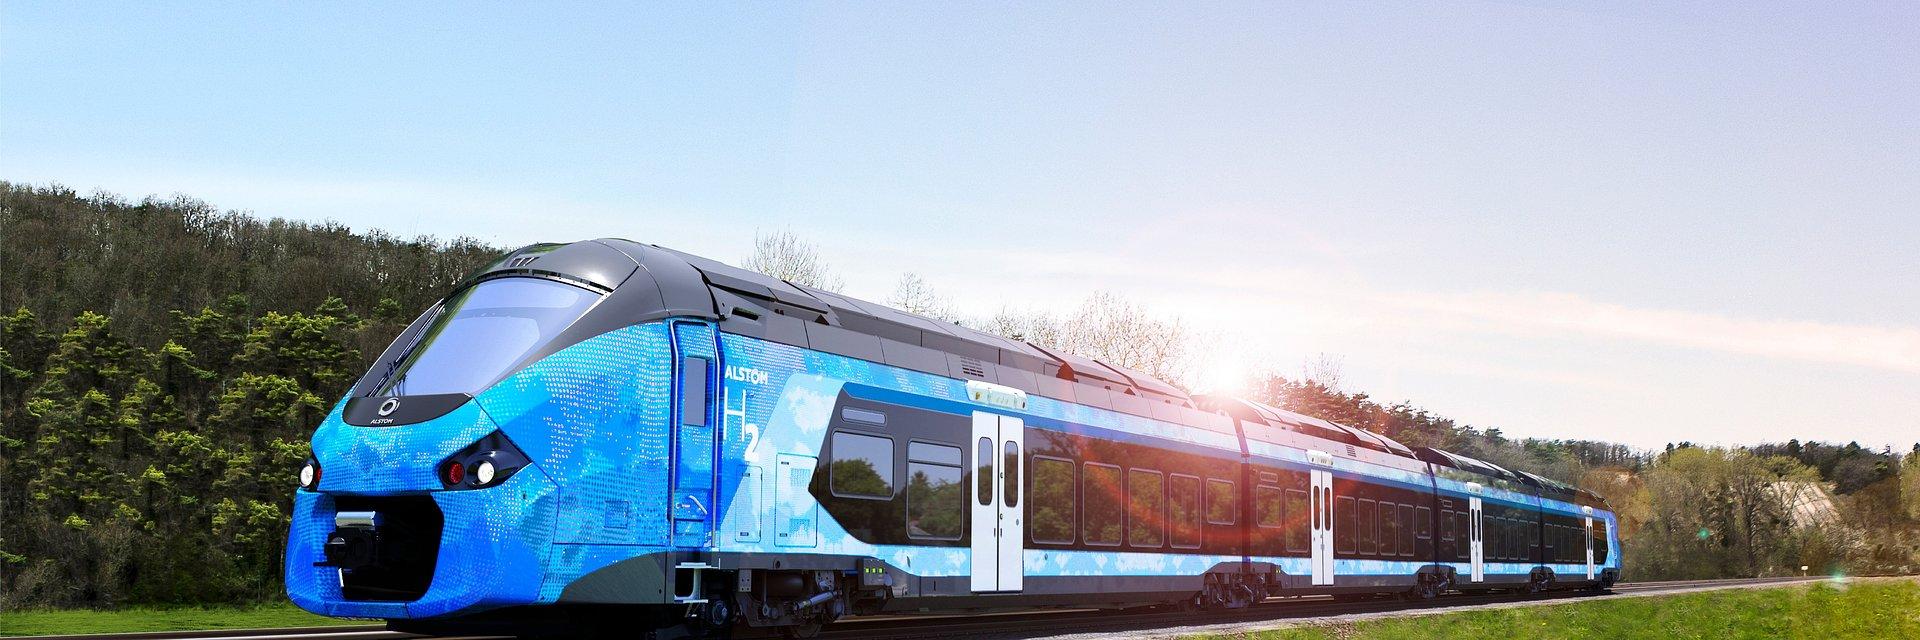 Pierwsze zamówienia na pociągi wodorowe Alstom we Francji – historyczny krok w kierunku zrównoważonej mobilności